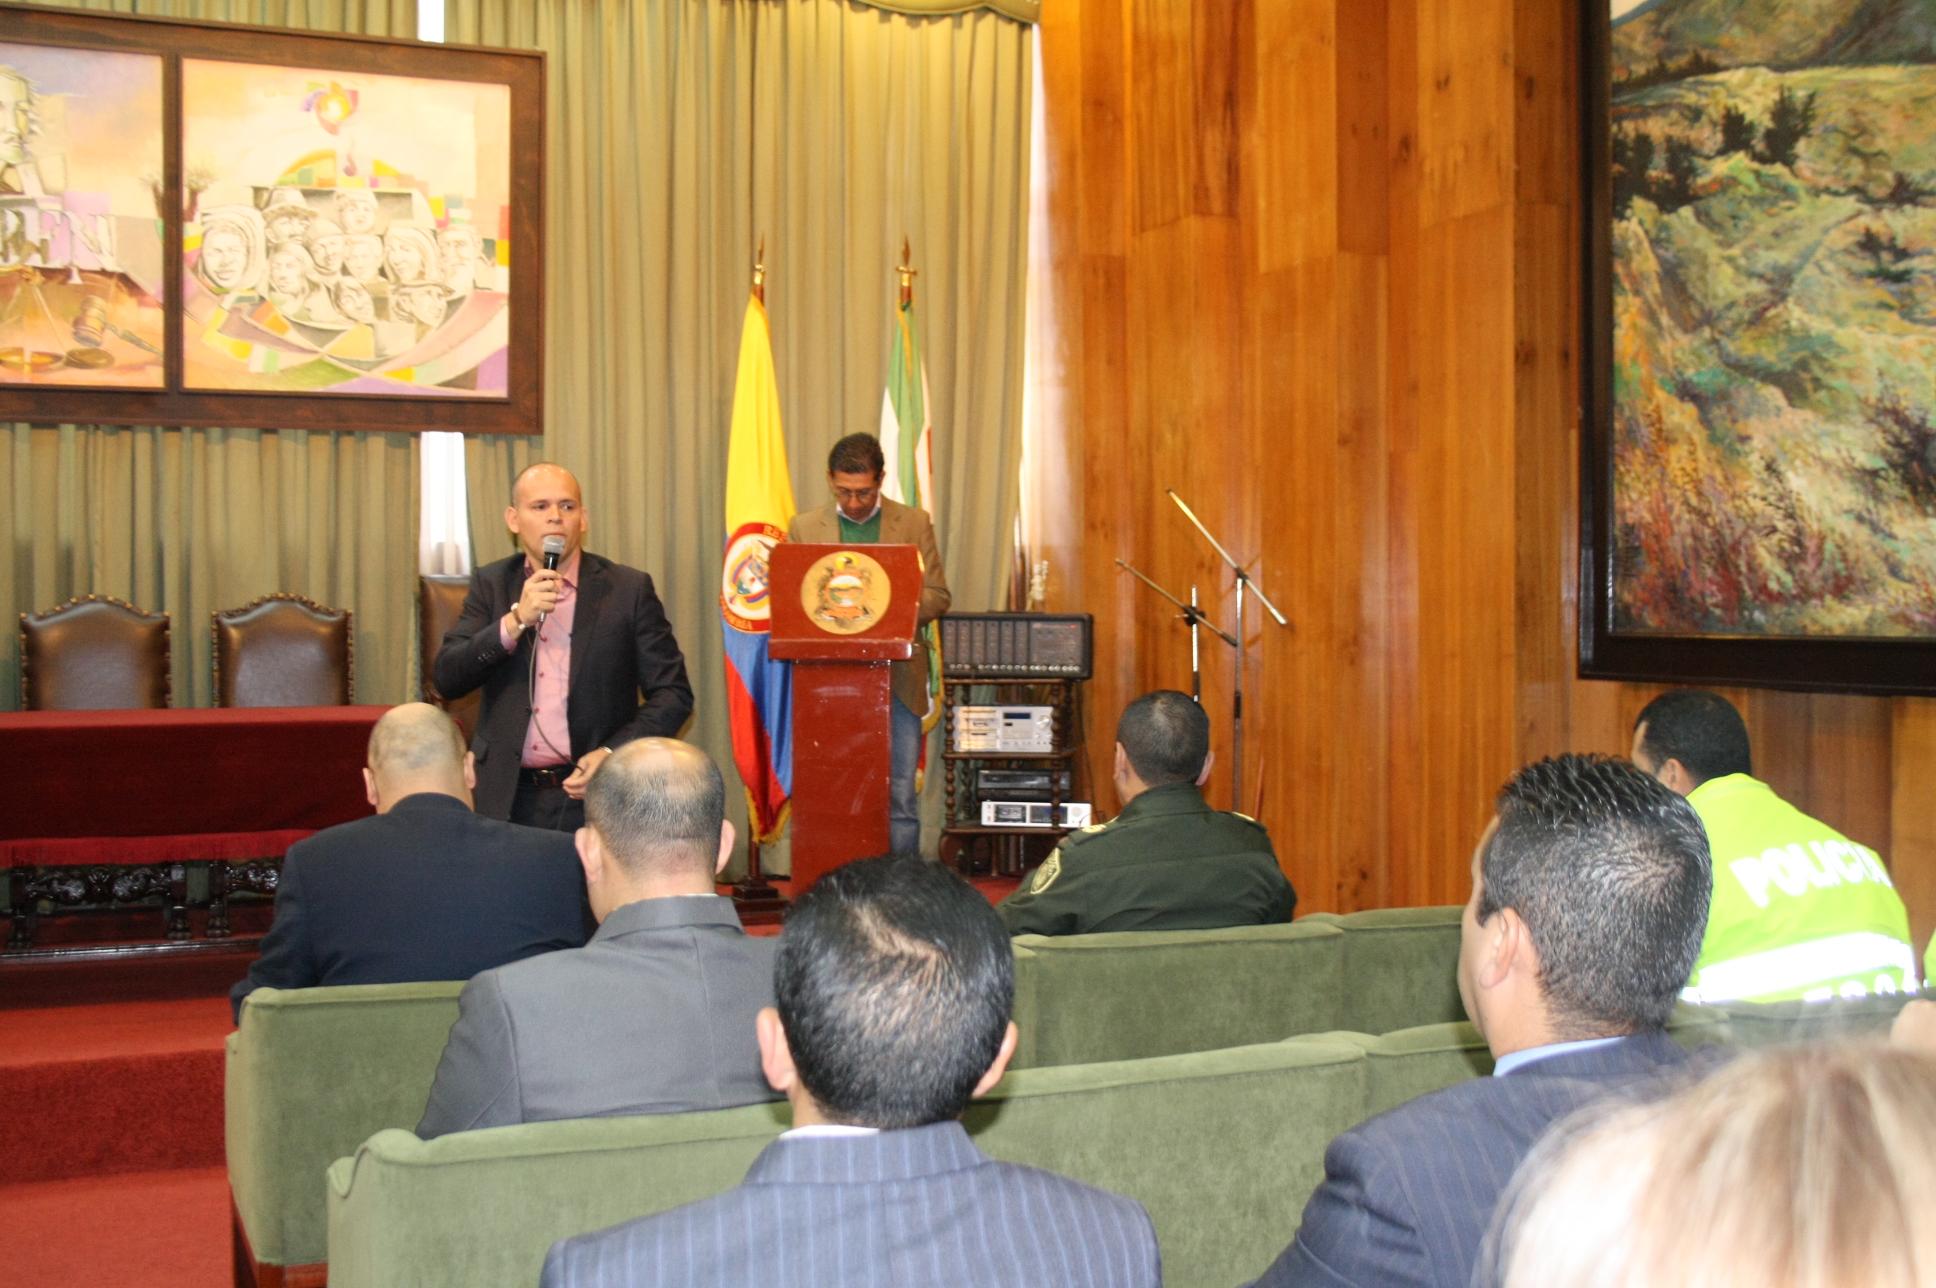 Programas para prevenir el consumo de drogas y alcohol se fortalecen en municipios de Boyacá